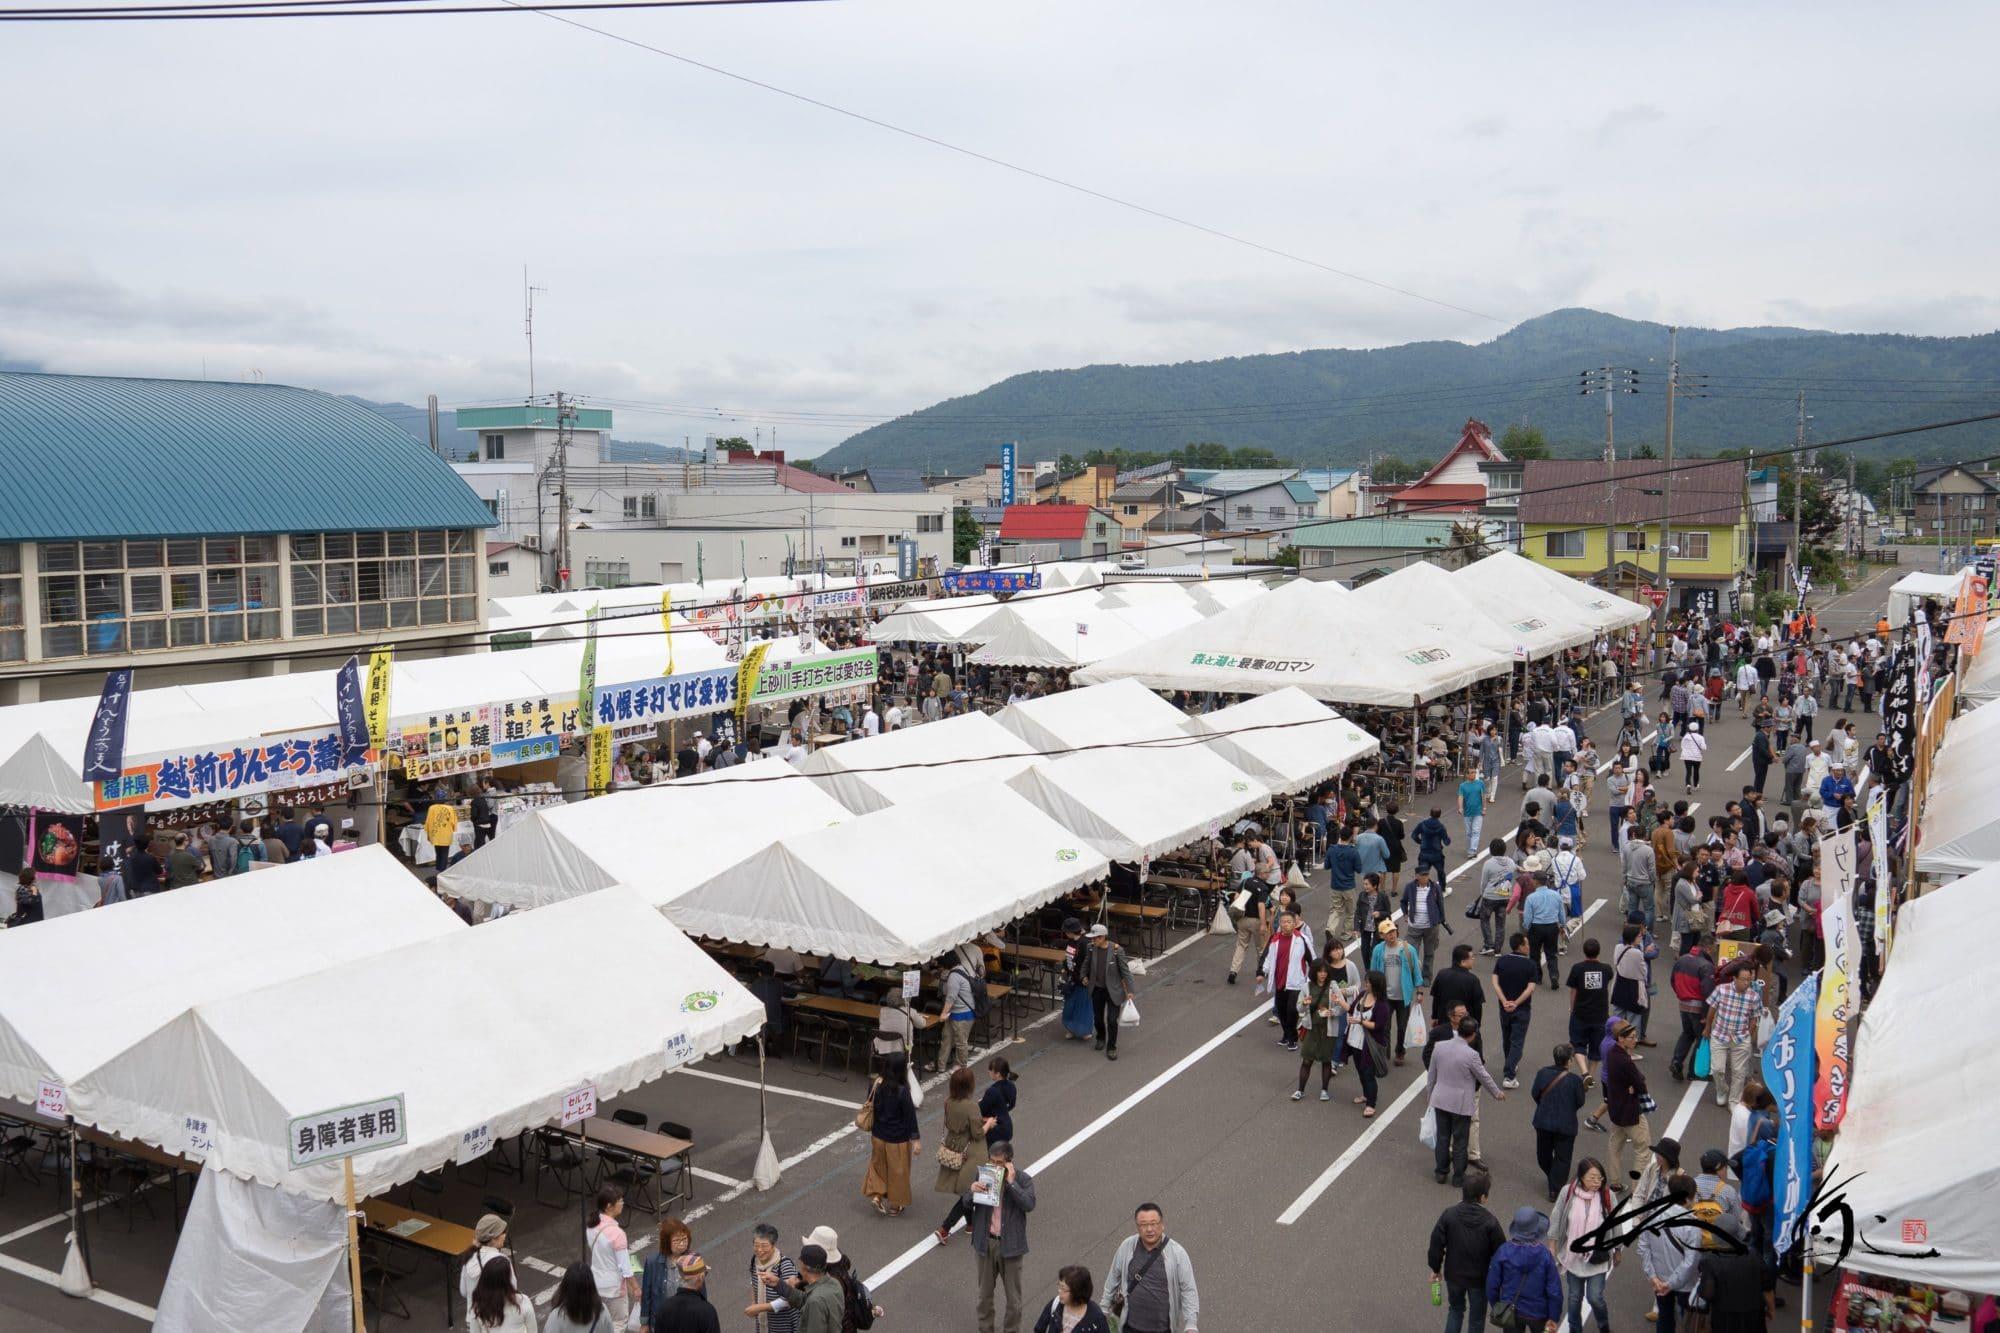 第24回幌加内町新そば祭り 2017(幌加内町)道内外16店舗が集結